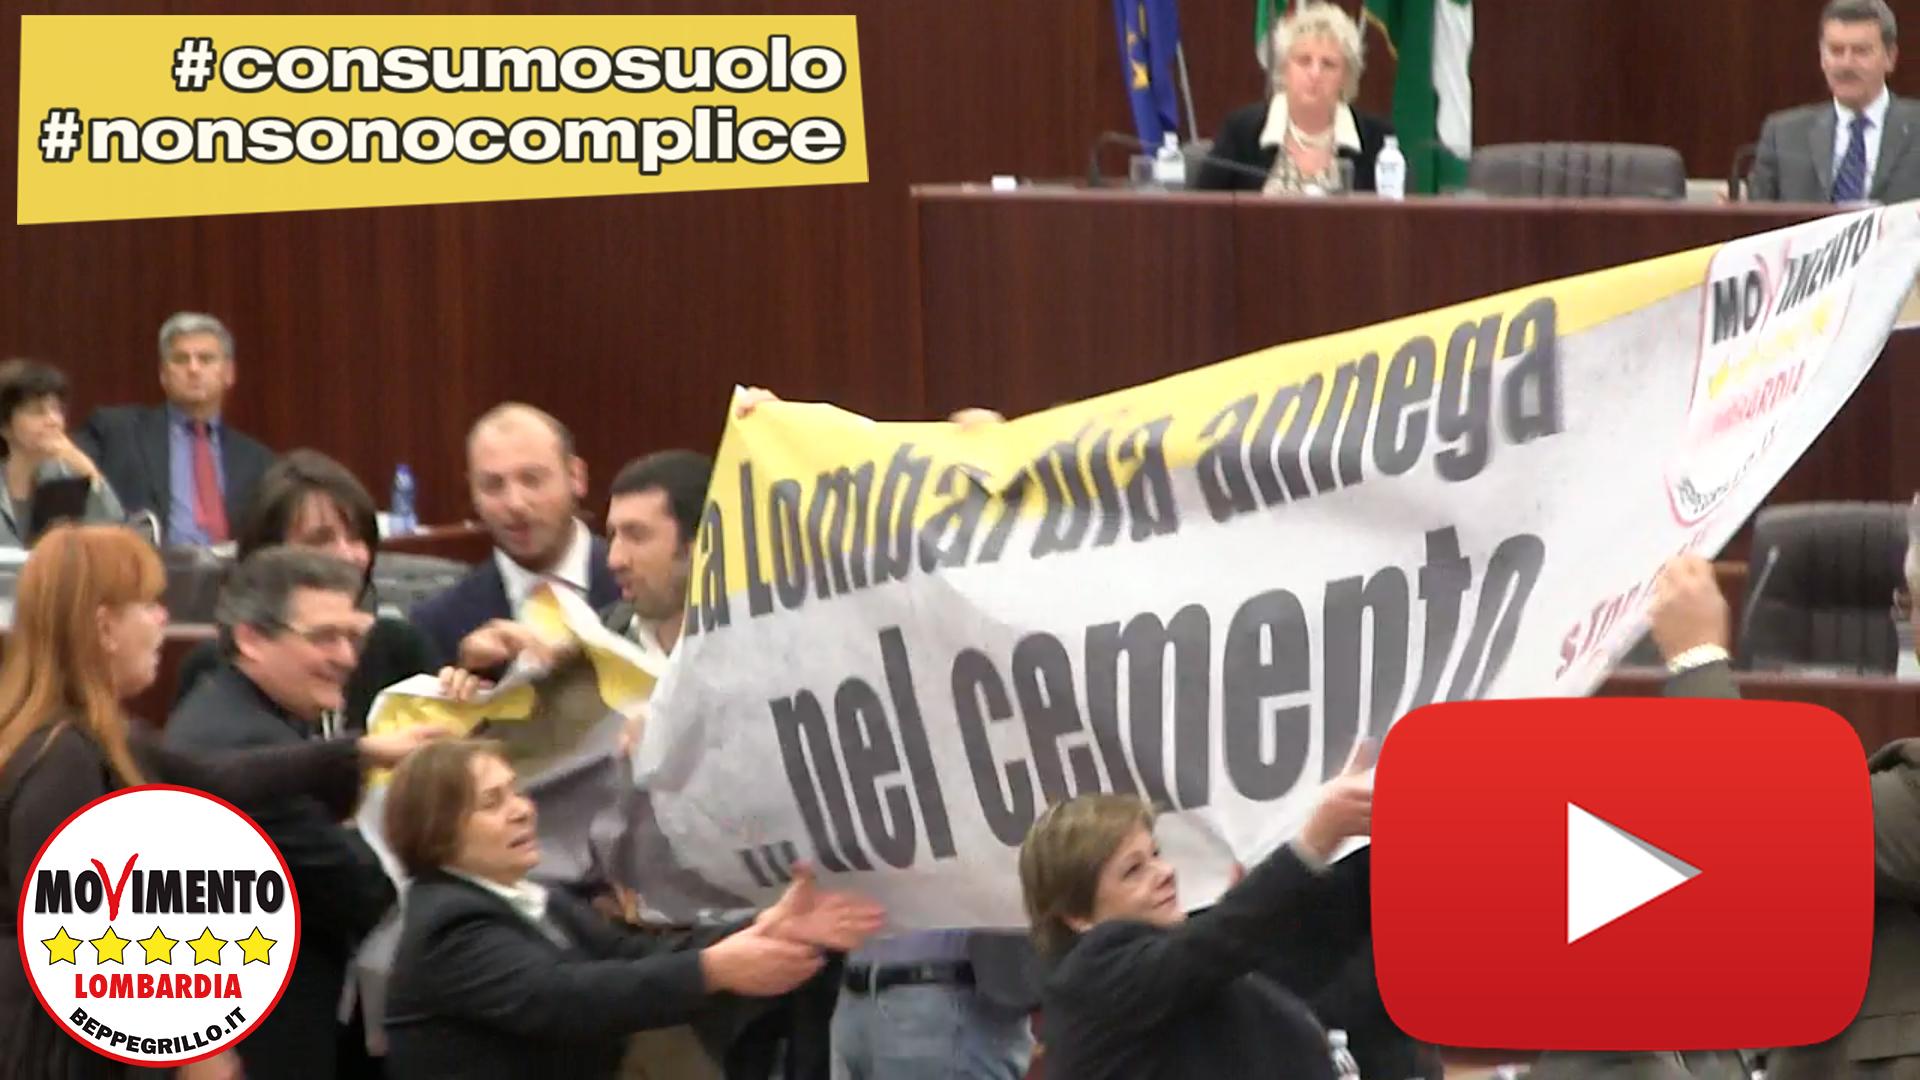 La Lombardia annega nel cemento: #nonsonocomplice